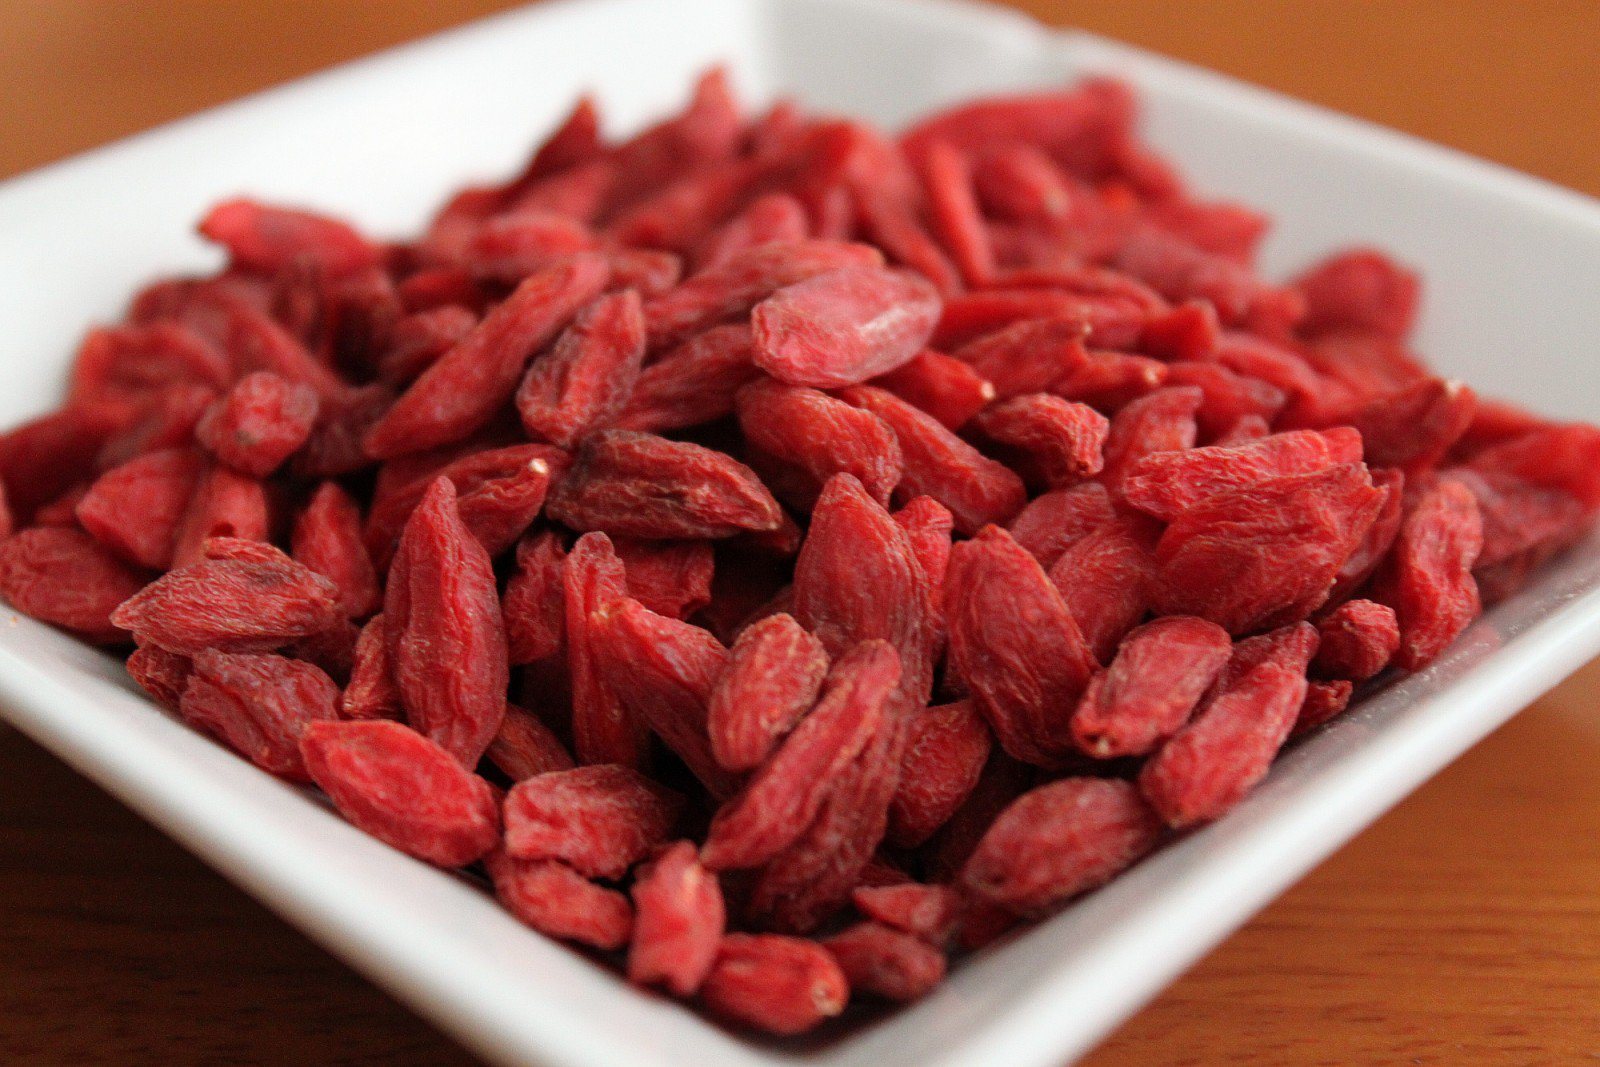 средство для похудения отзывы ягоды годжи